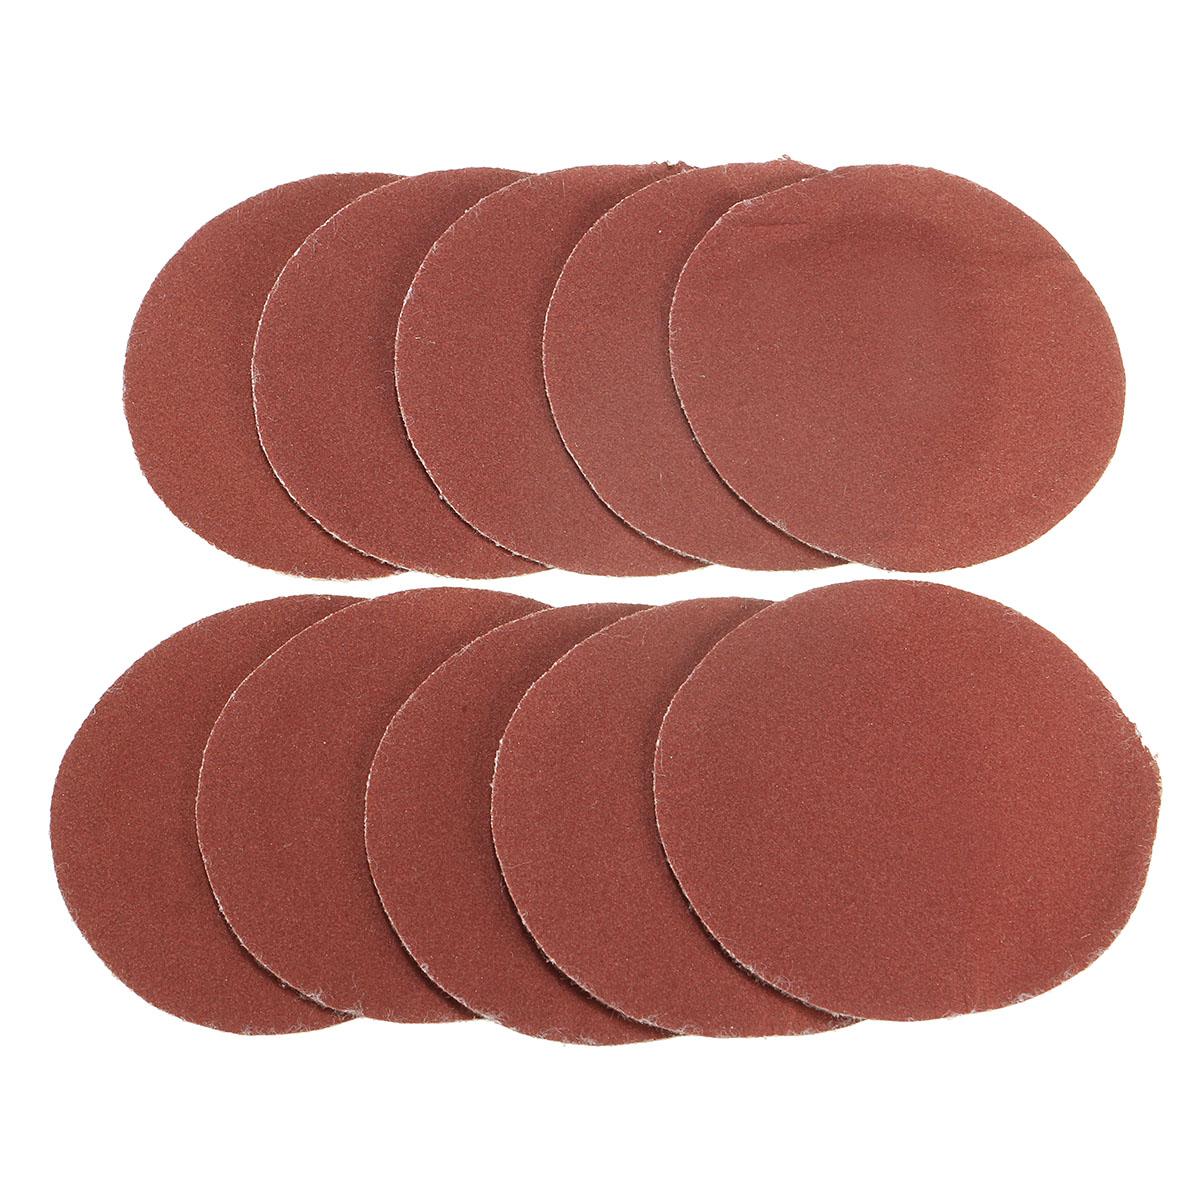 Шлифовальный 2-дюймовый диск наждачной бумаги с зернистостью 80-1000 100шт